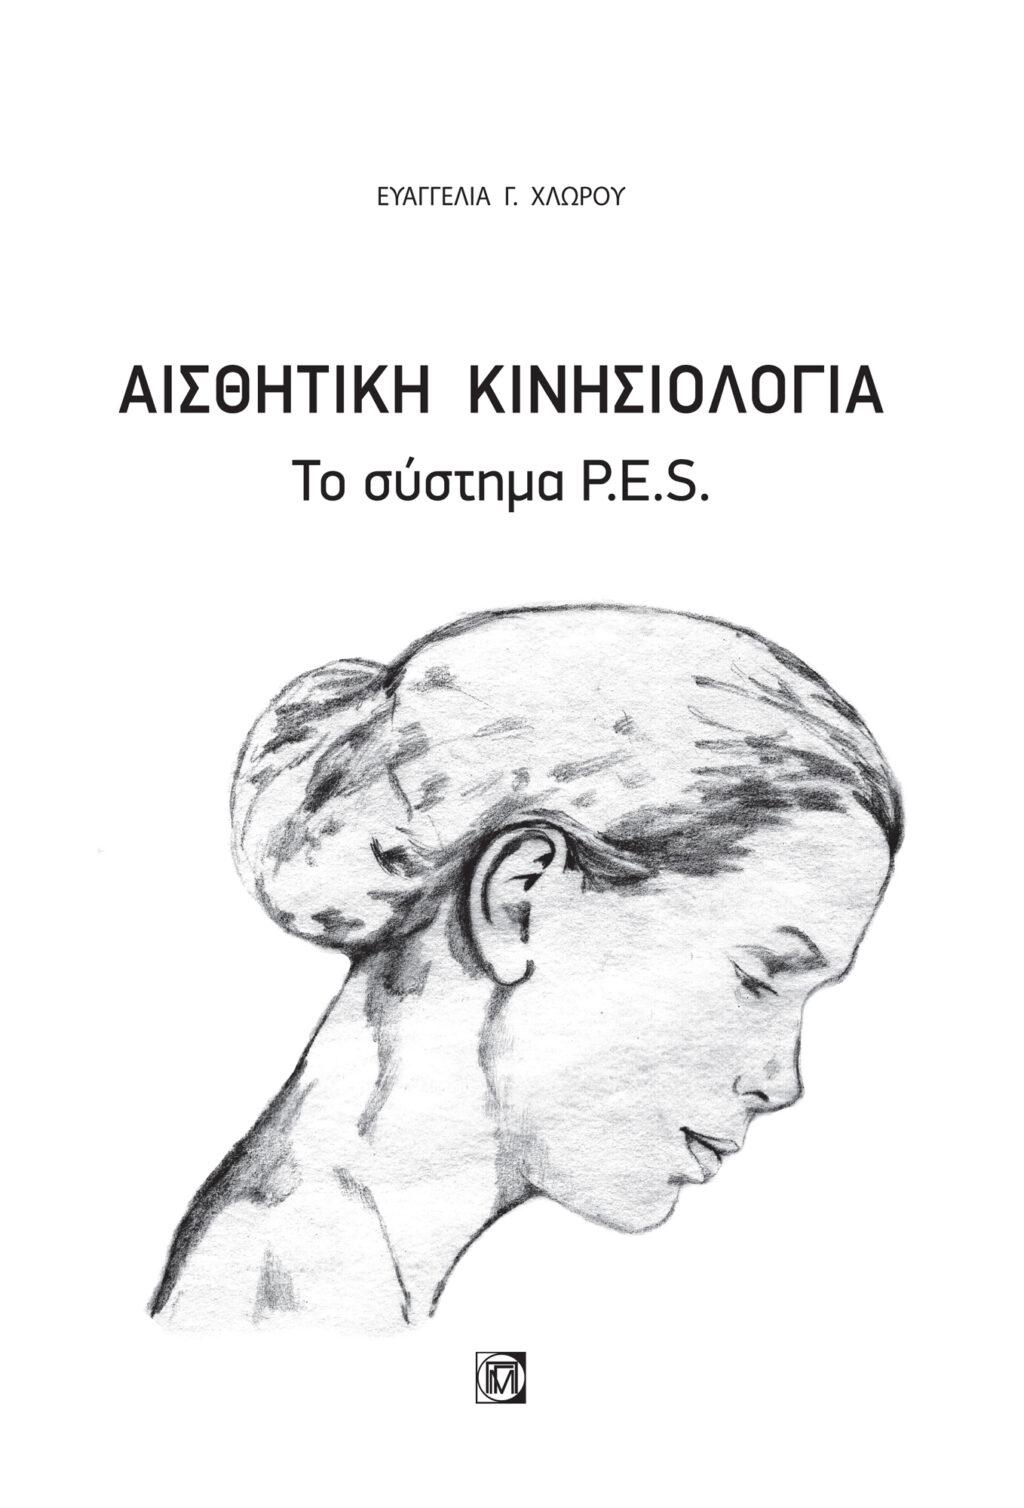 aisthitiki-kinisiologia-to-systima-p-e-s